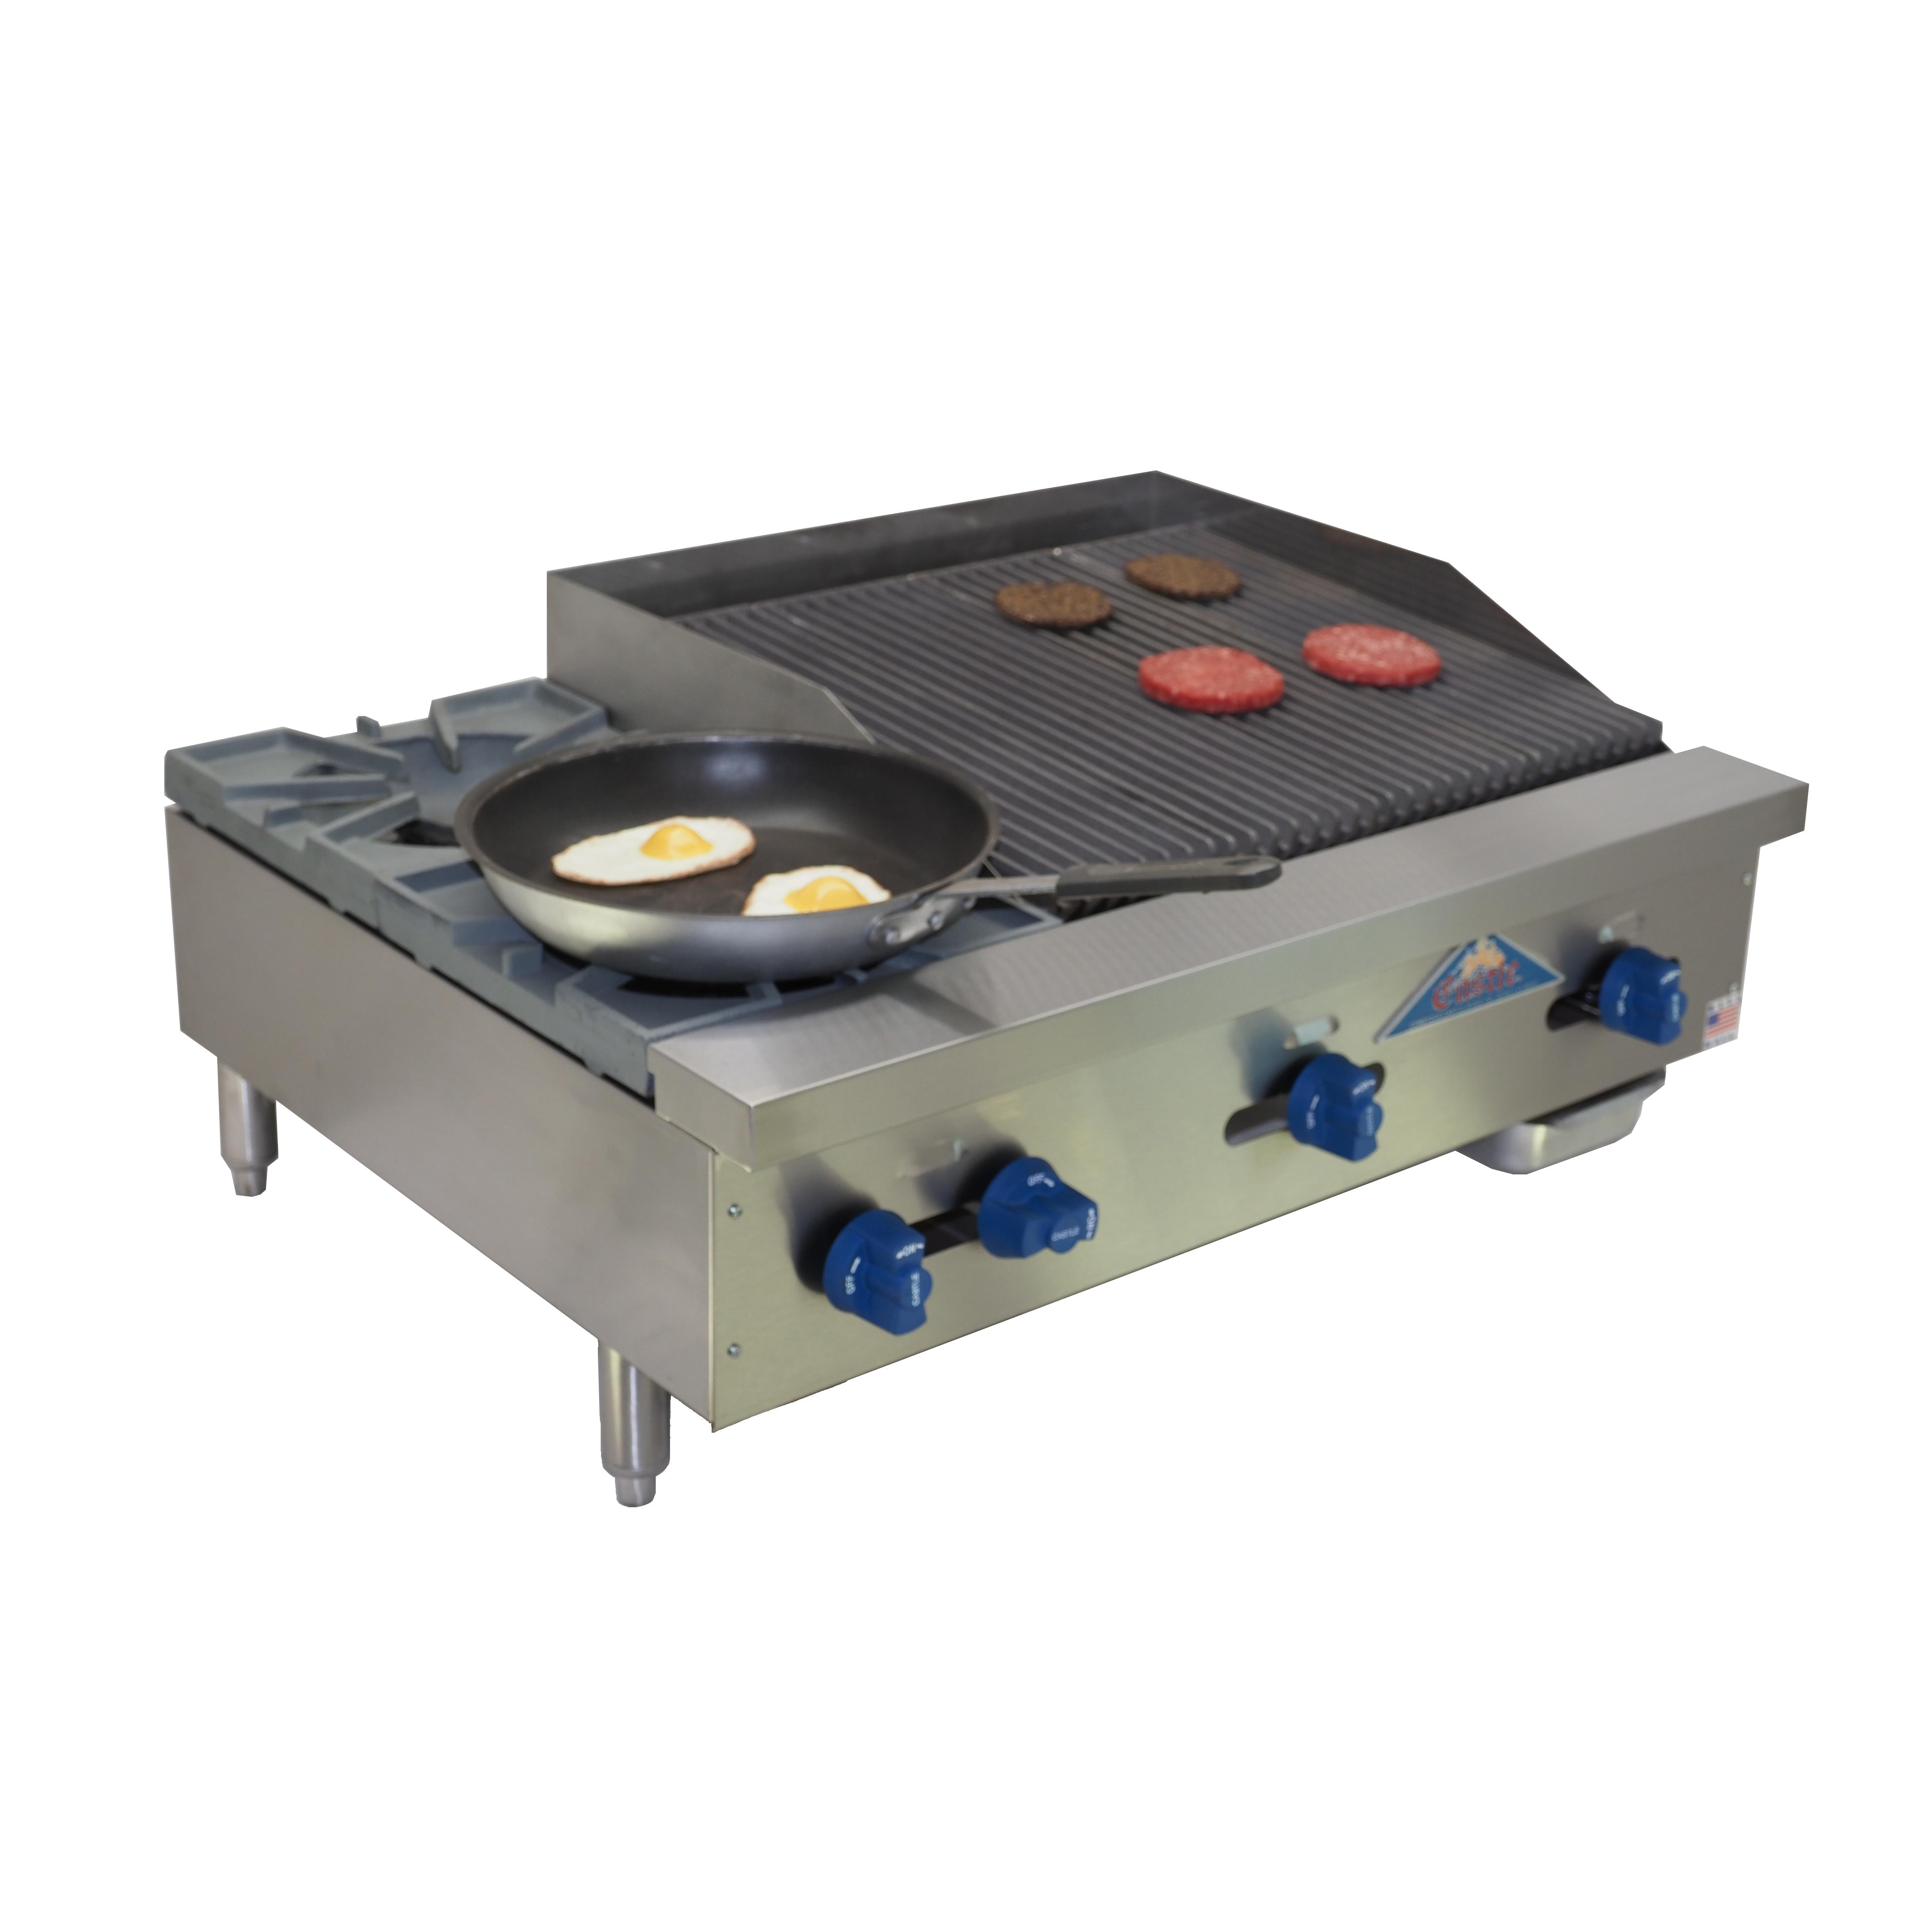 Comstock-Castle FHP36-2LB charbroiler, gas, countertop